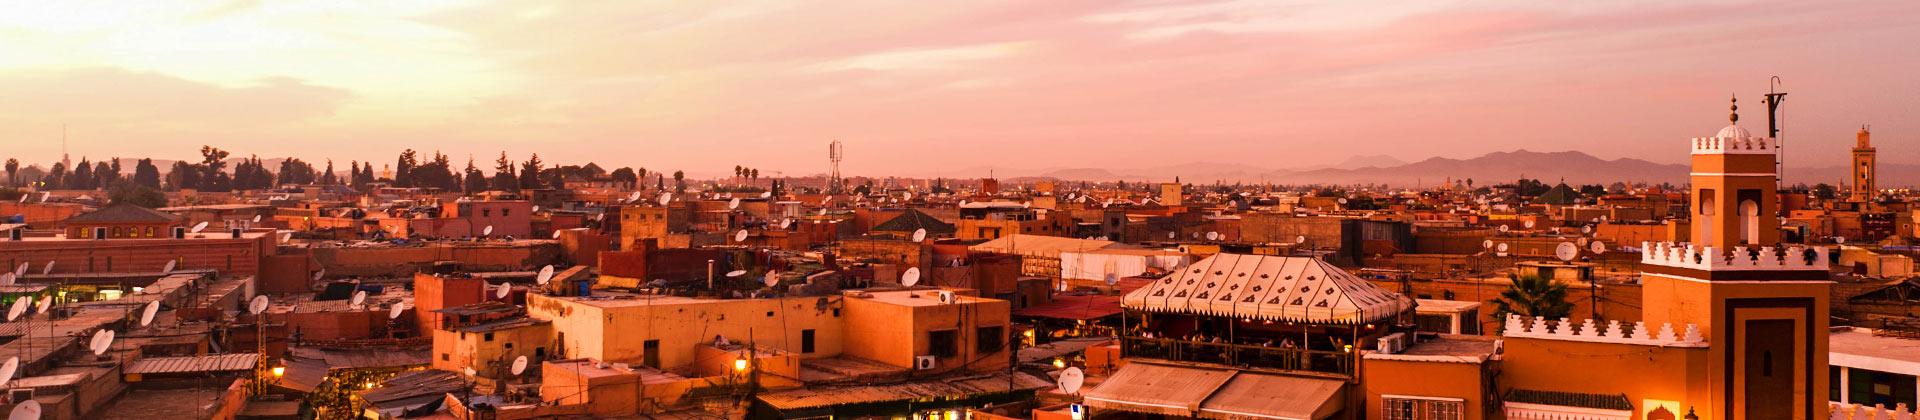 Uitzicht over Marrakech